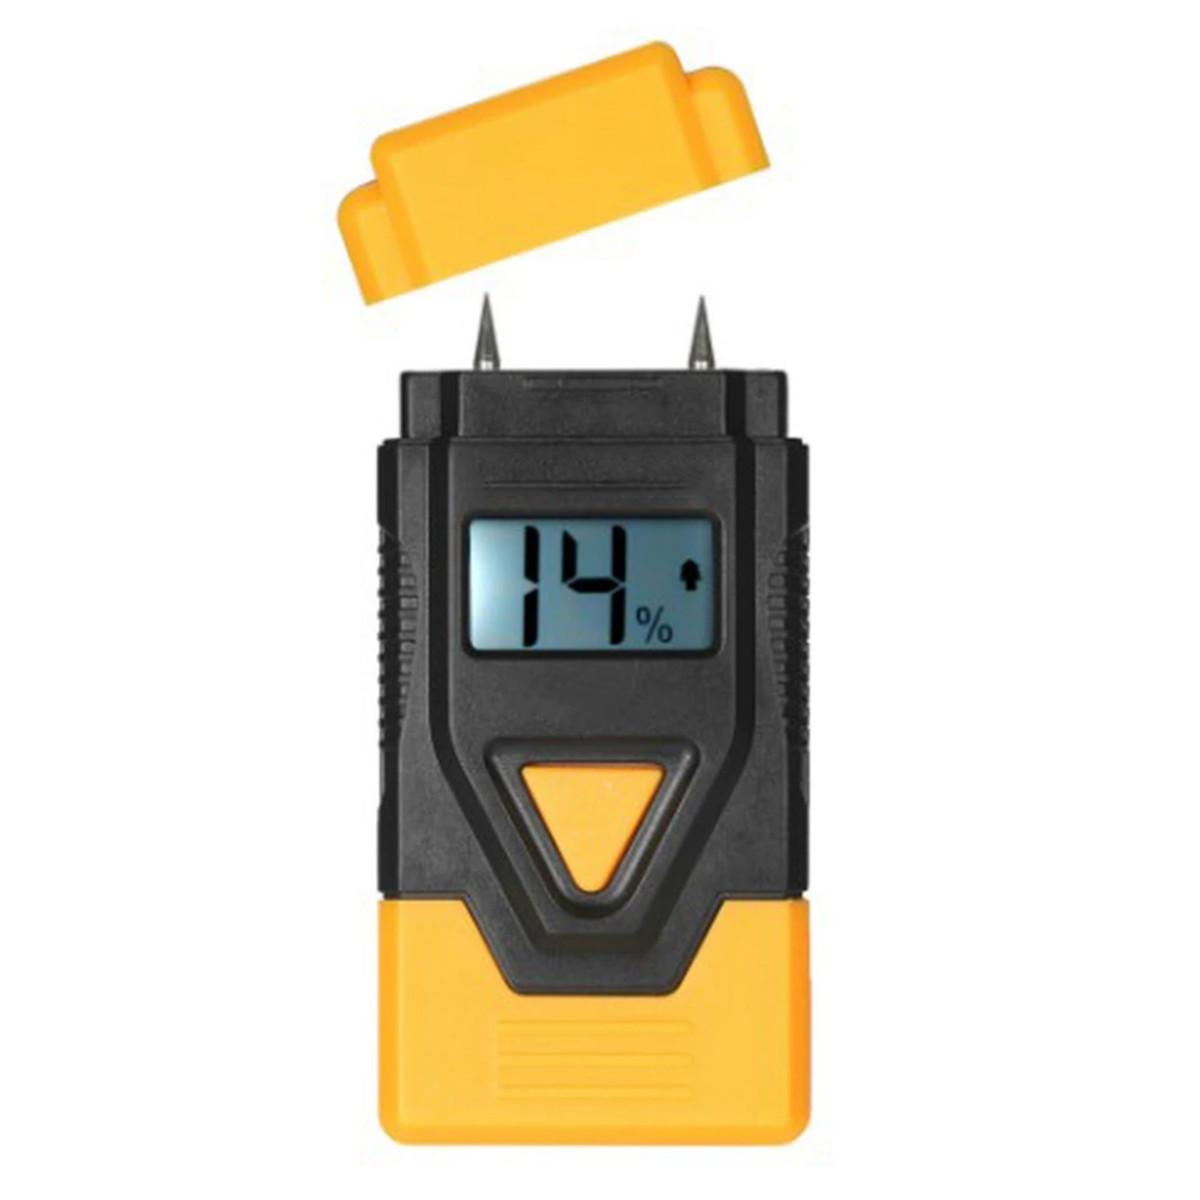 Hygromètre testeur d'humidité beton platre mortier